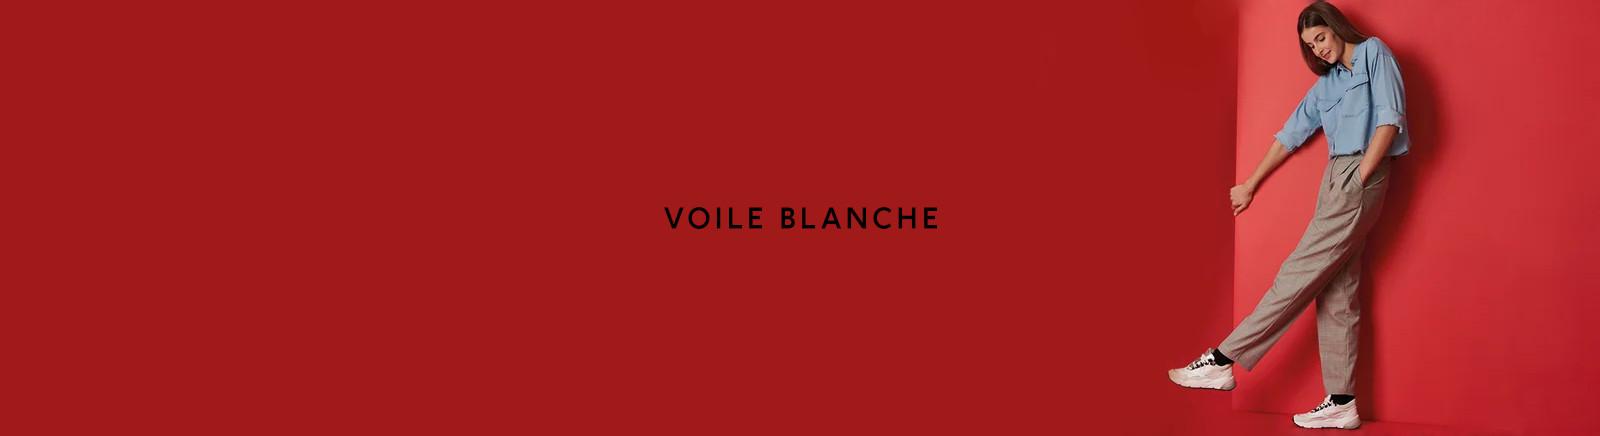 Voile Blanche Herrenschuhe online bestellen im Prange Schuhe Shop